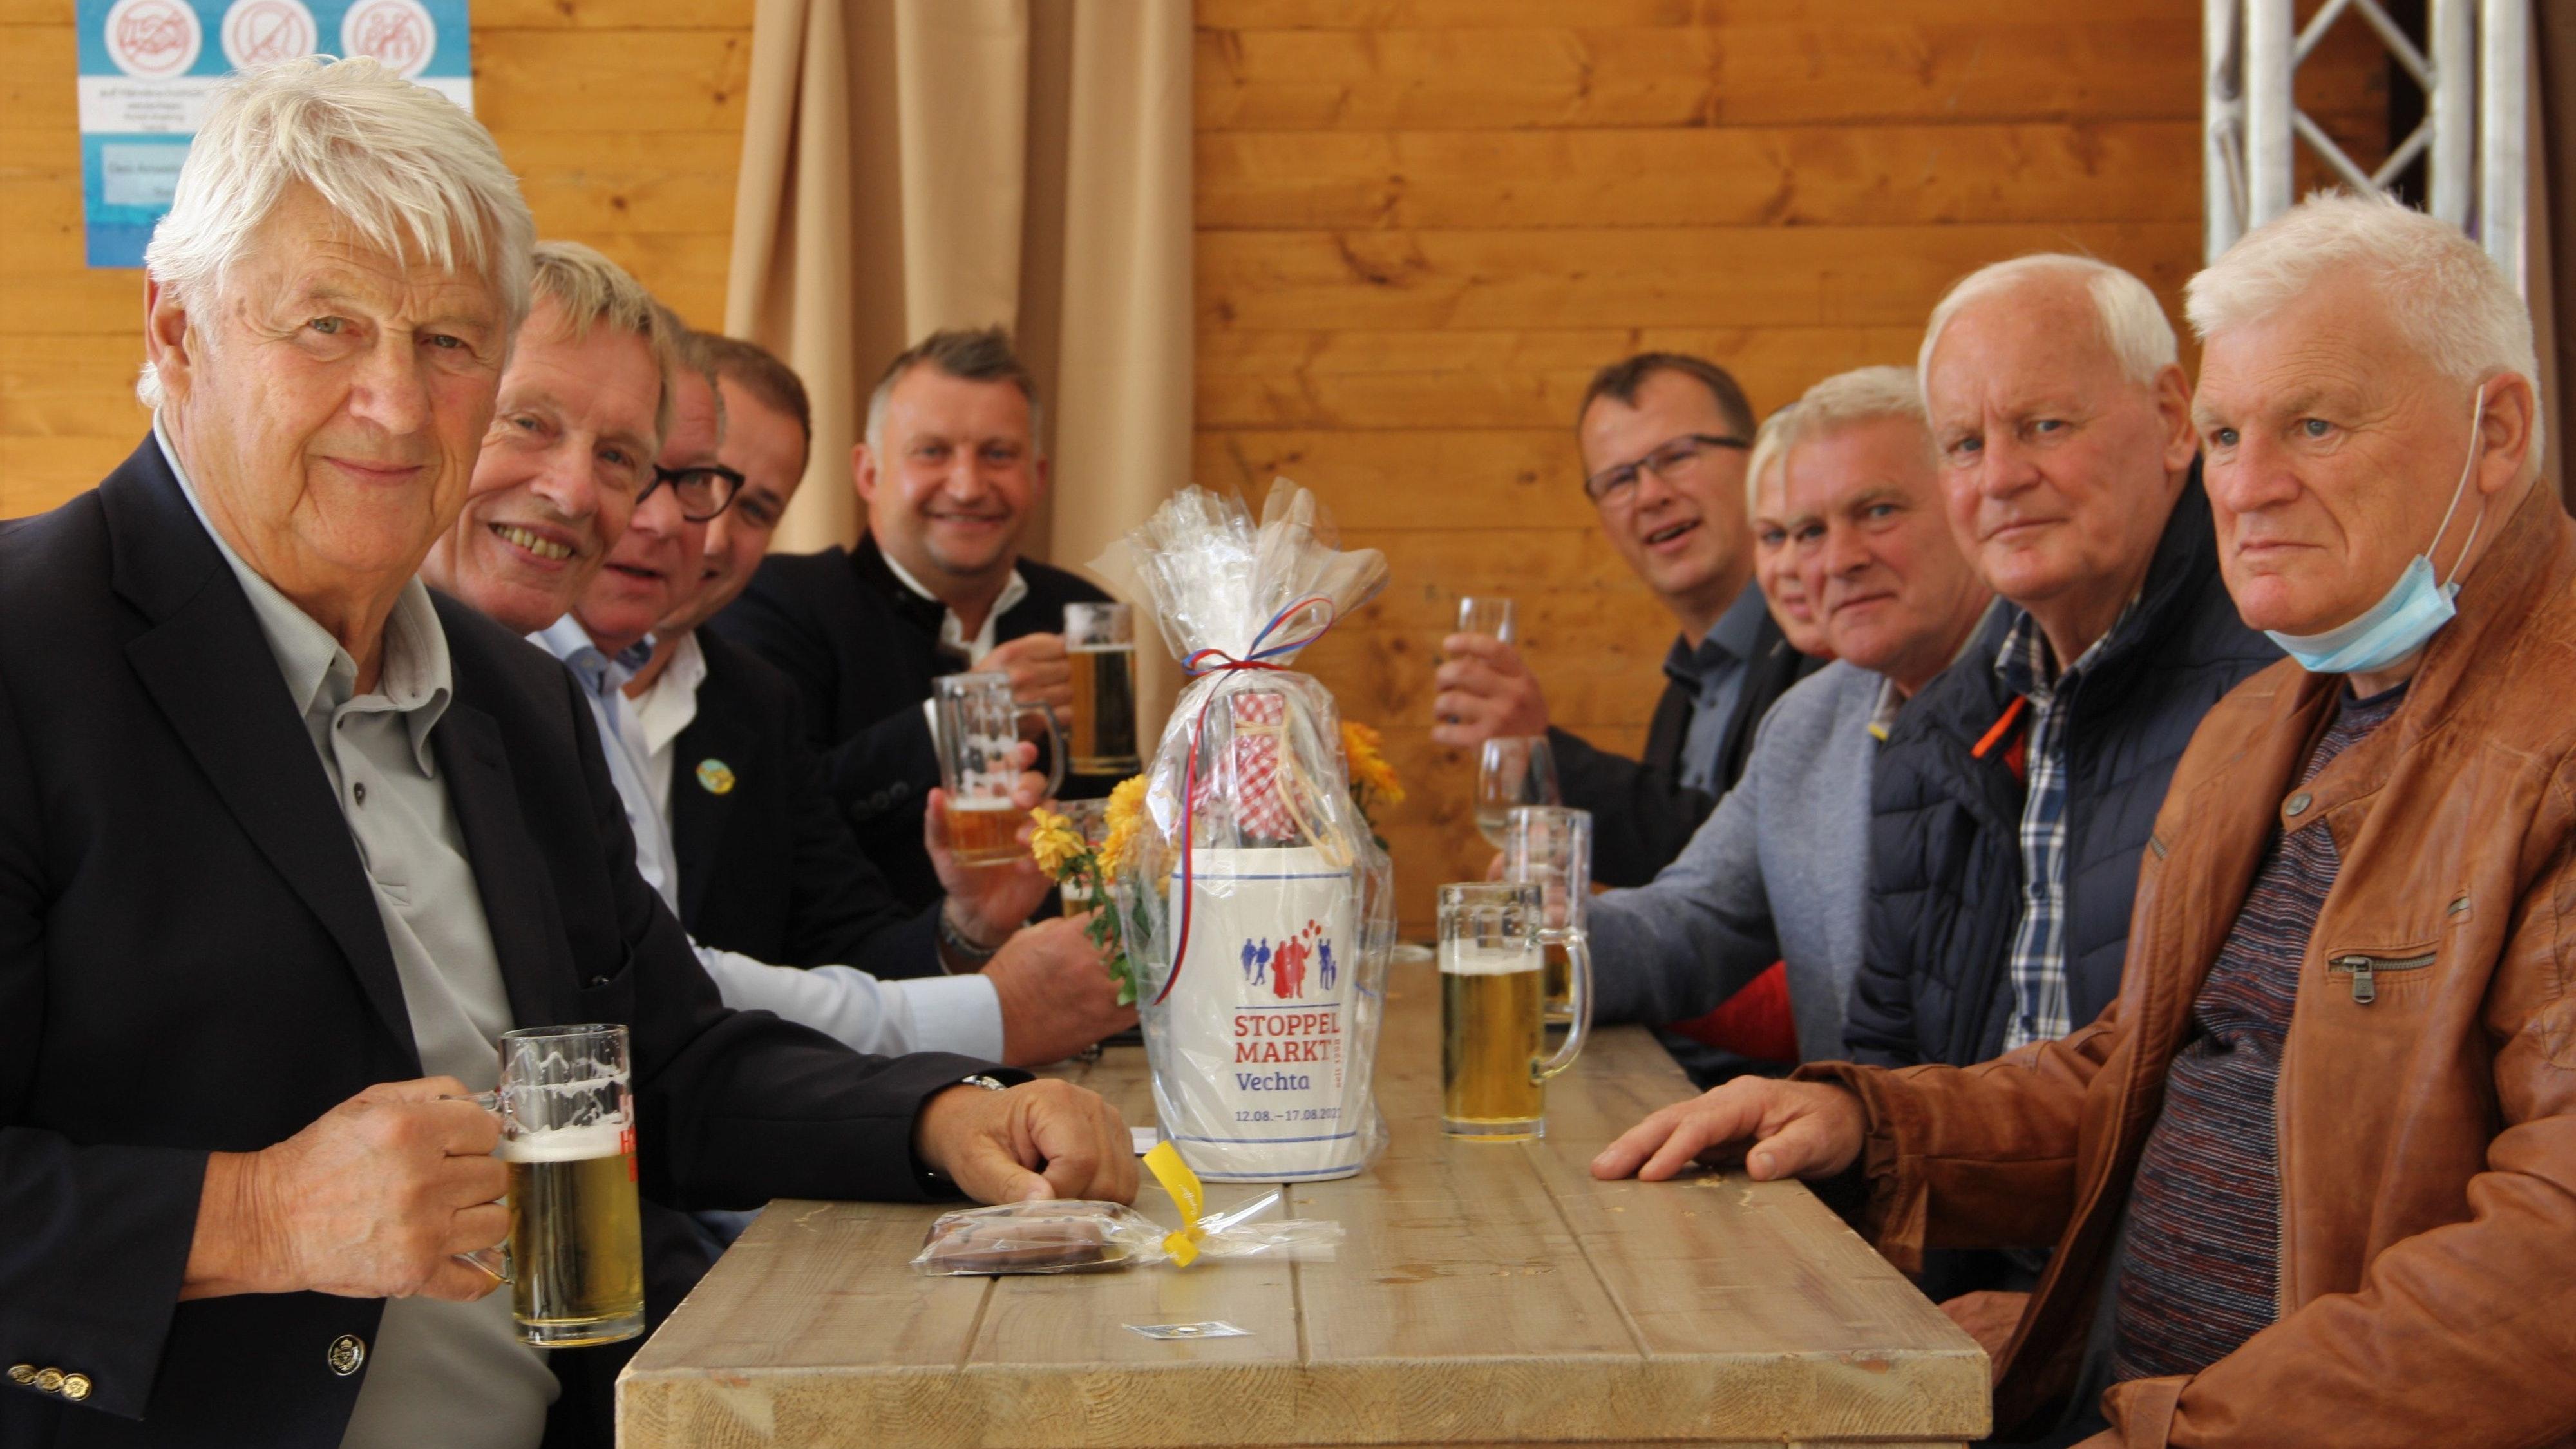 Lassen es sich schmecken: Jürgen Meyer (links, oben) Marvin Stratmann, Sven Lorenz,Karl-Heinz Wehry, Max Lorenz, Herbert Fischer (rechts, oben), Branca Kicnite, Gustav Meyer, Heinrich Meyer und Fritz Meyer.